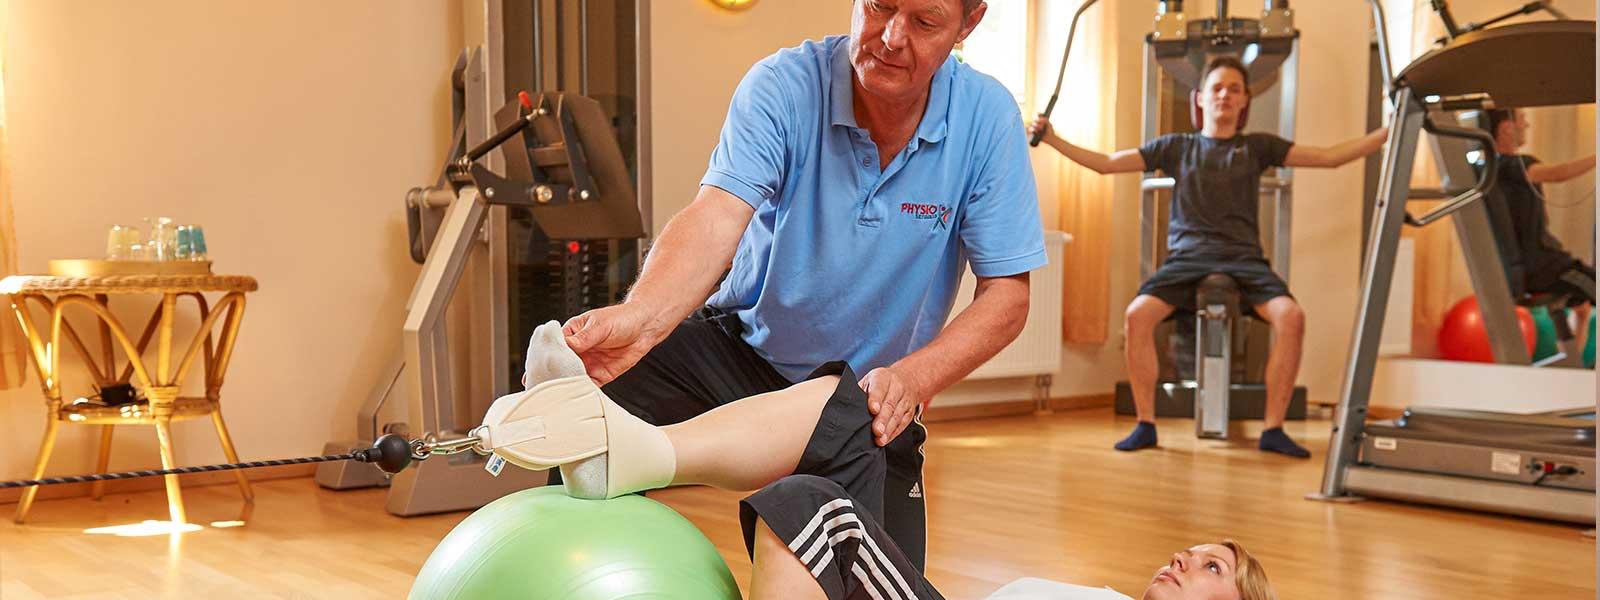 Seiwaldsportphysiotherapie